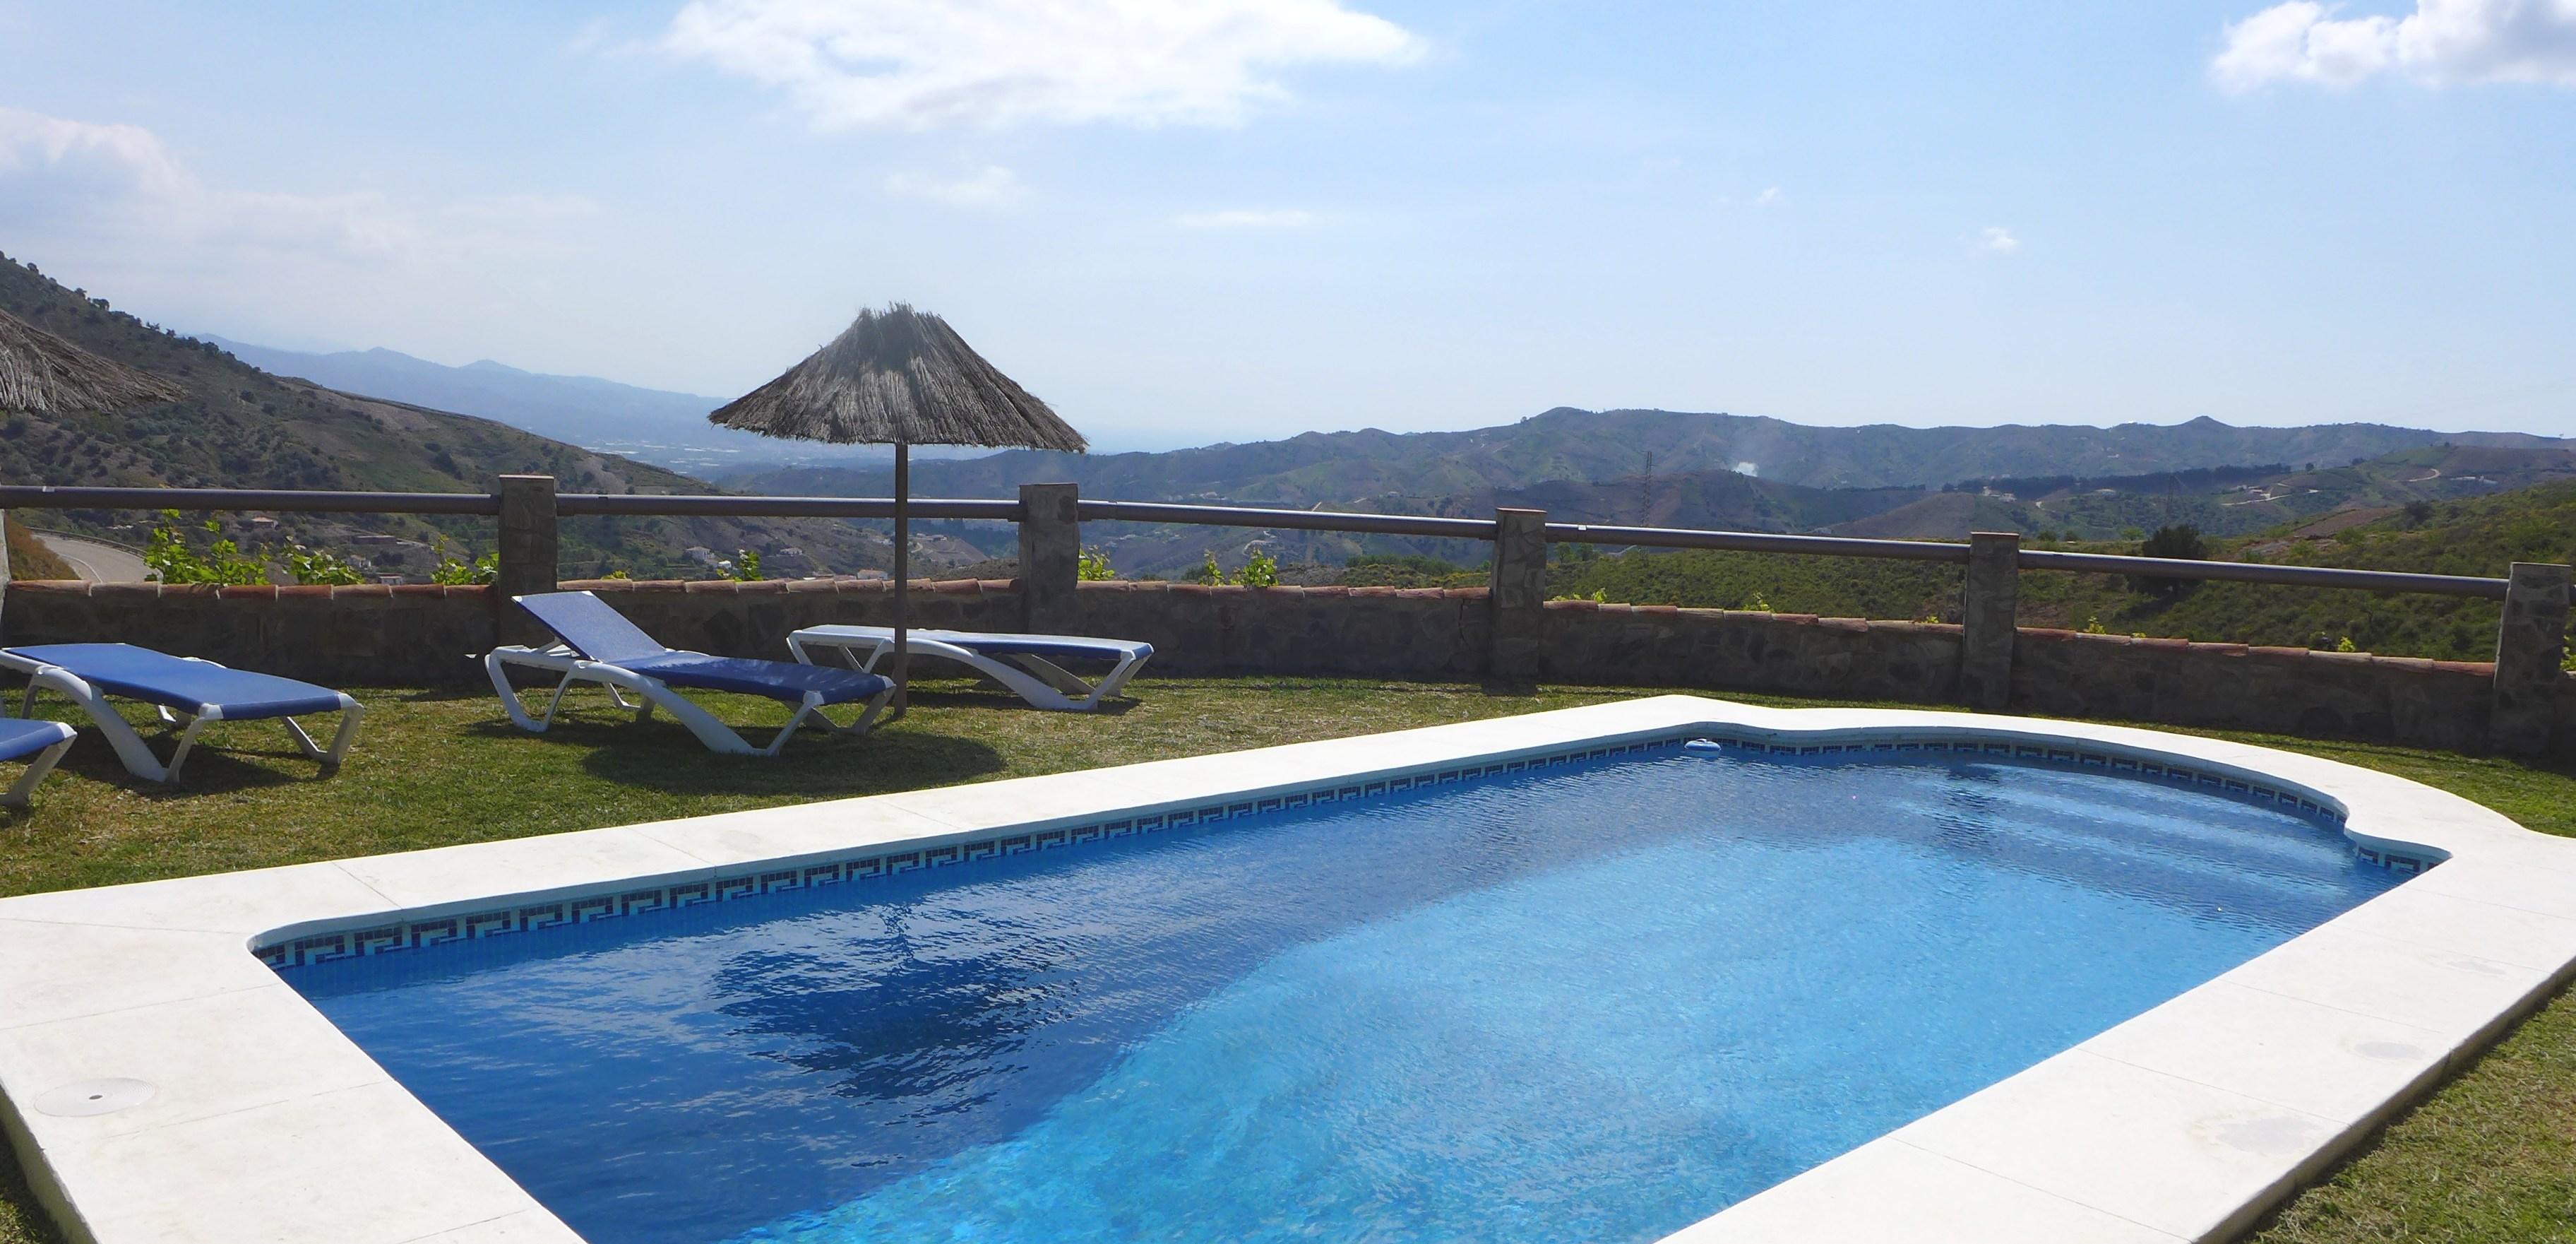 Vakantiehuis Andalusië Zuid Spanje